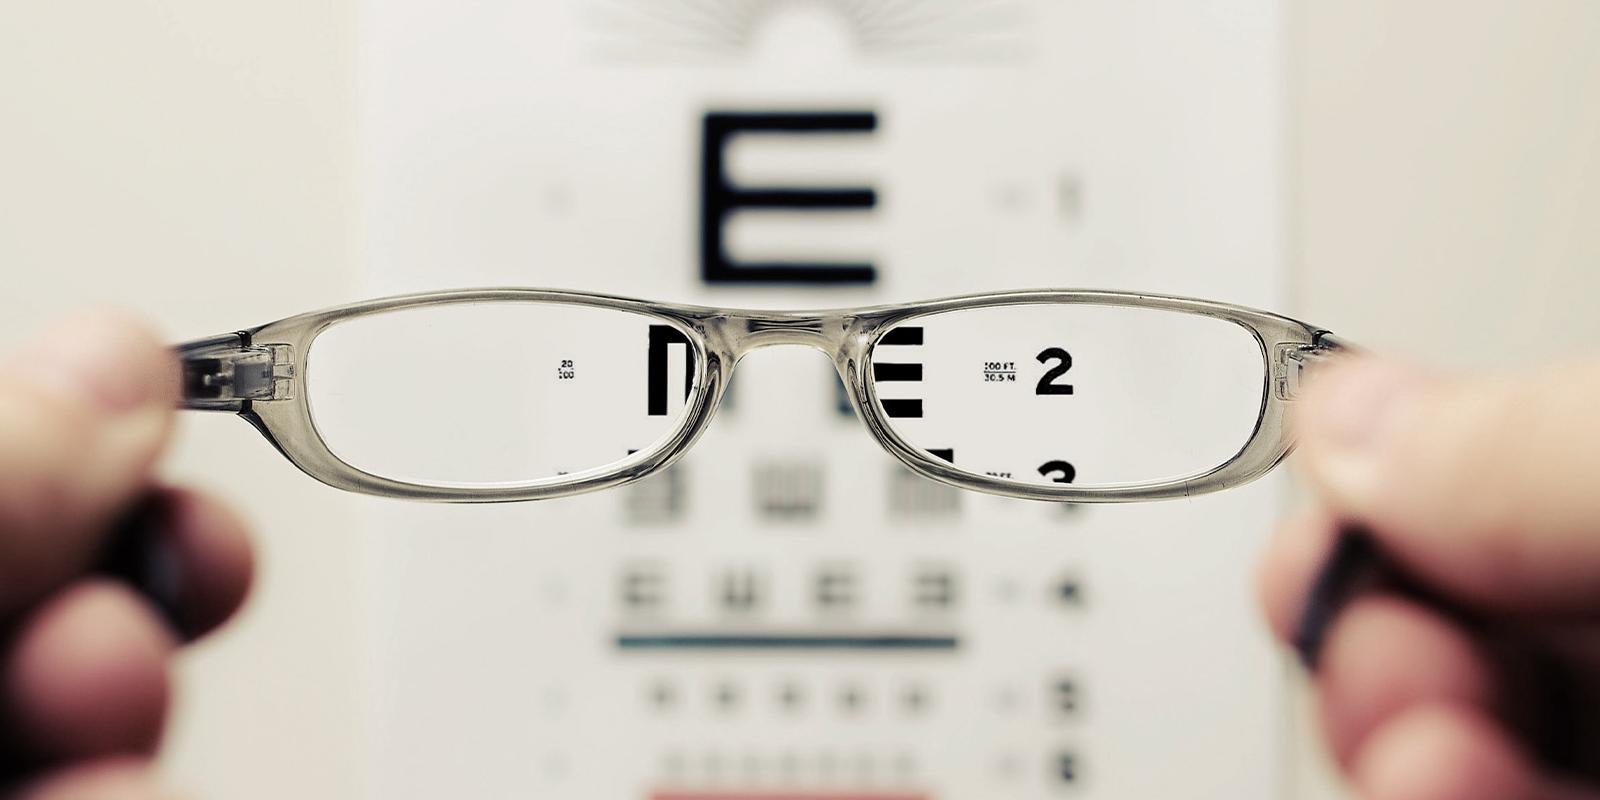 problemas relacionados con la diabetes causan visión reducida en ambos ojos